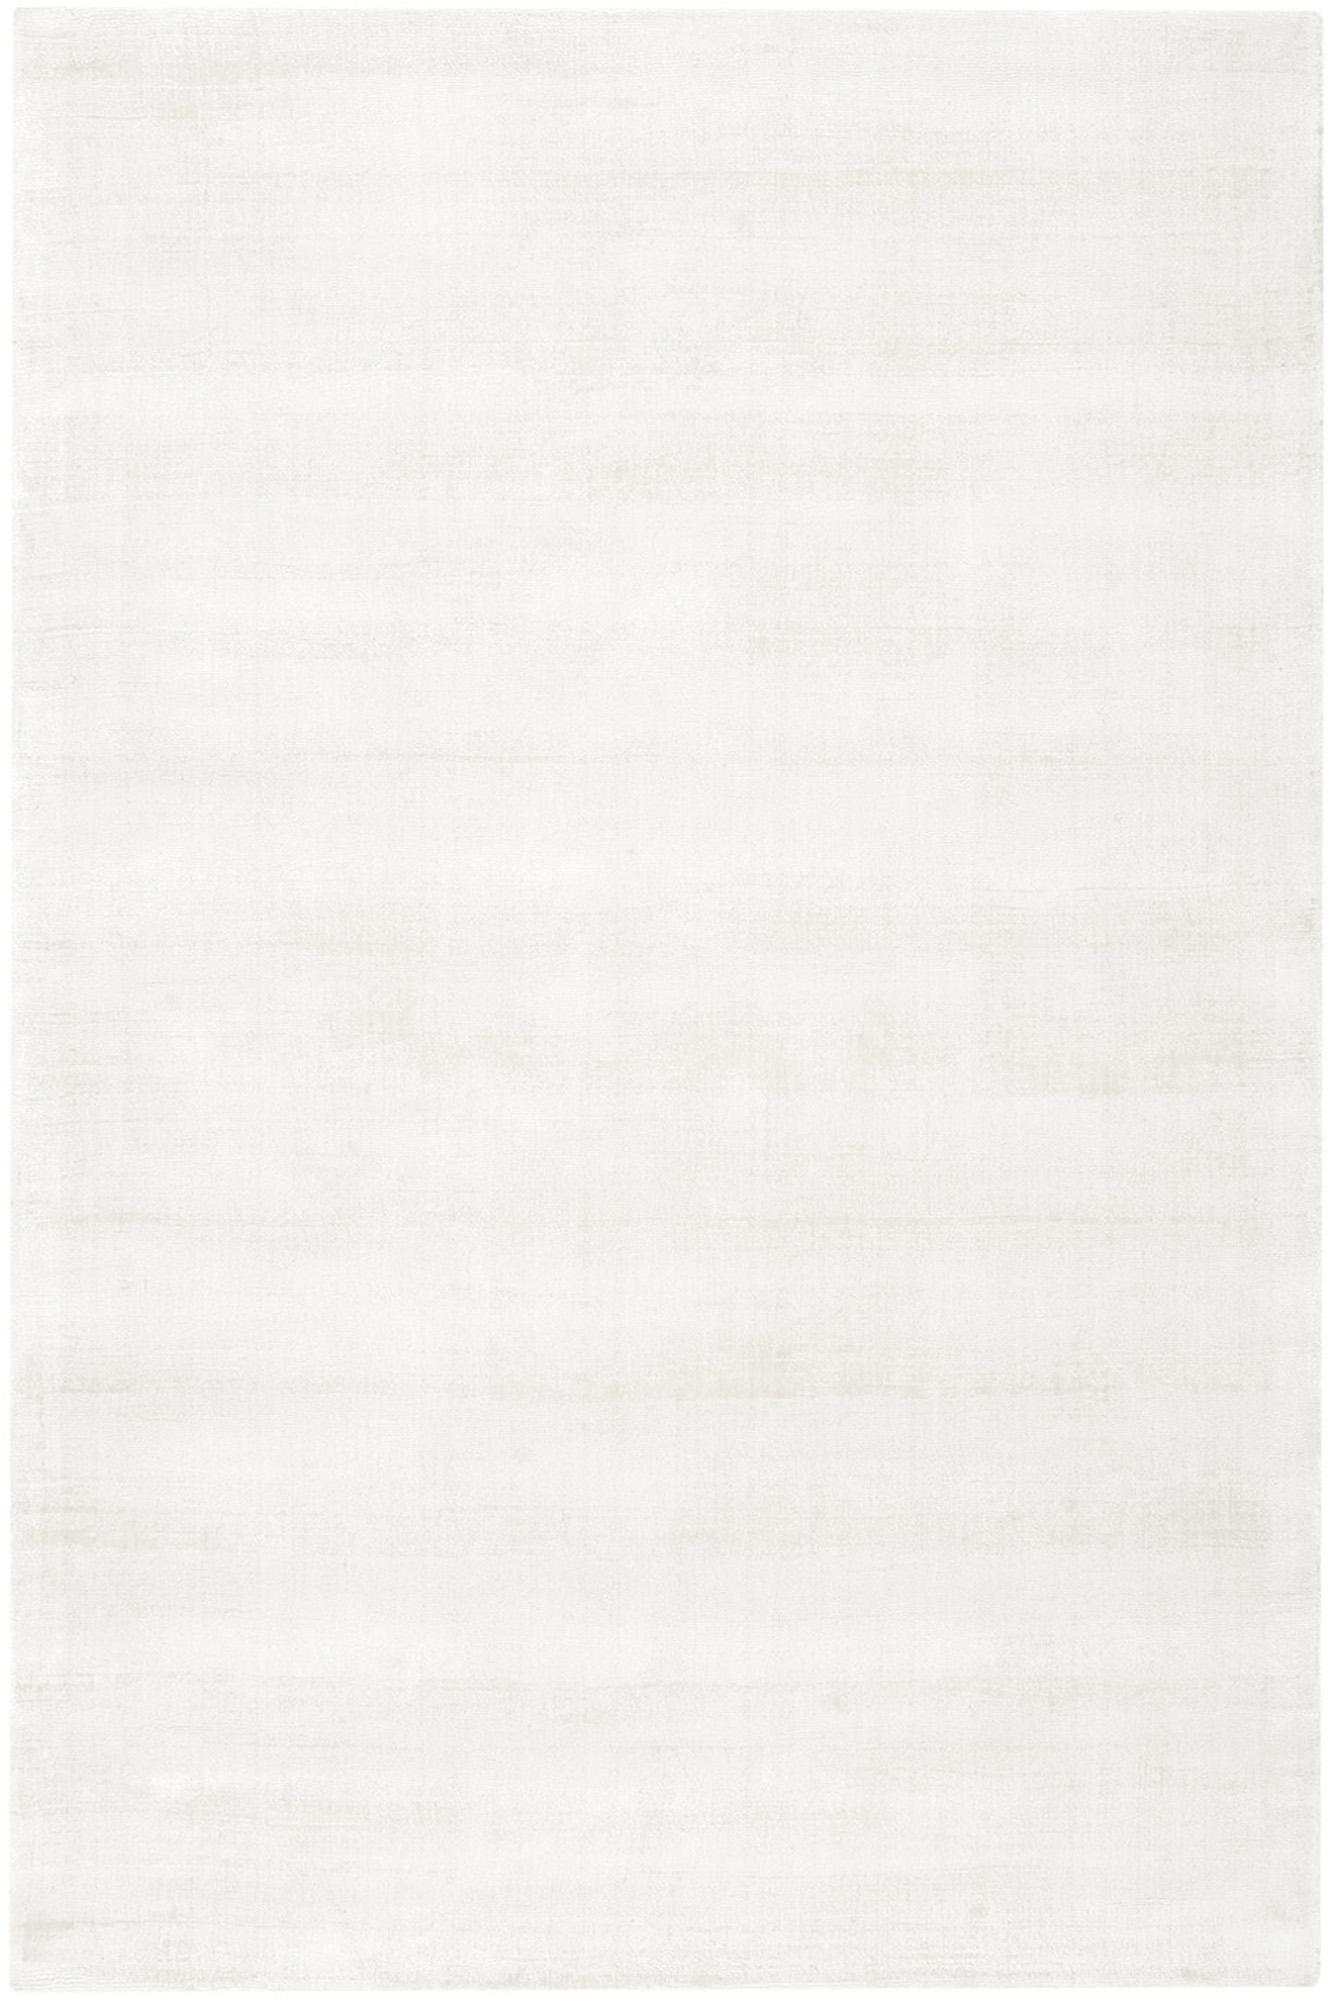 Alfombra artesanal de viscosa Jane, Parte superior: 100%viscosa, Reverso: 100%algodón, Marfil, An 120 x L 180 cm (Tamaño S)